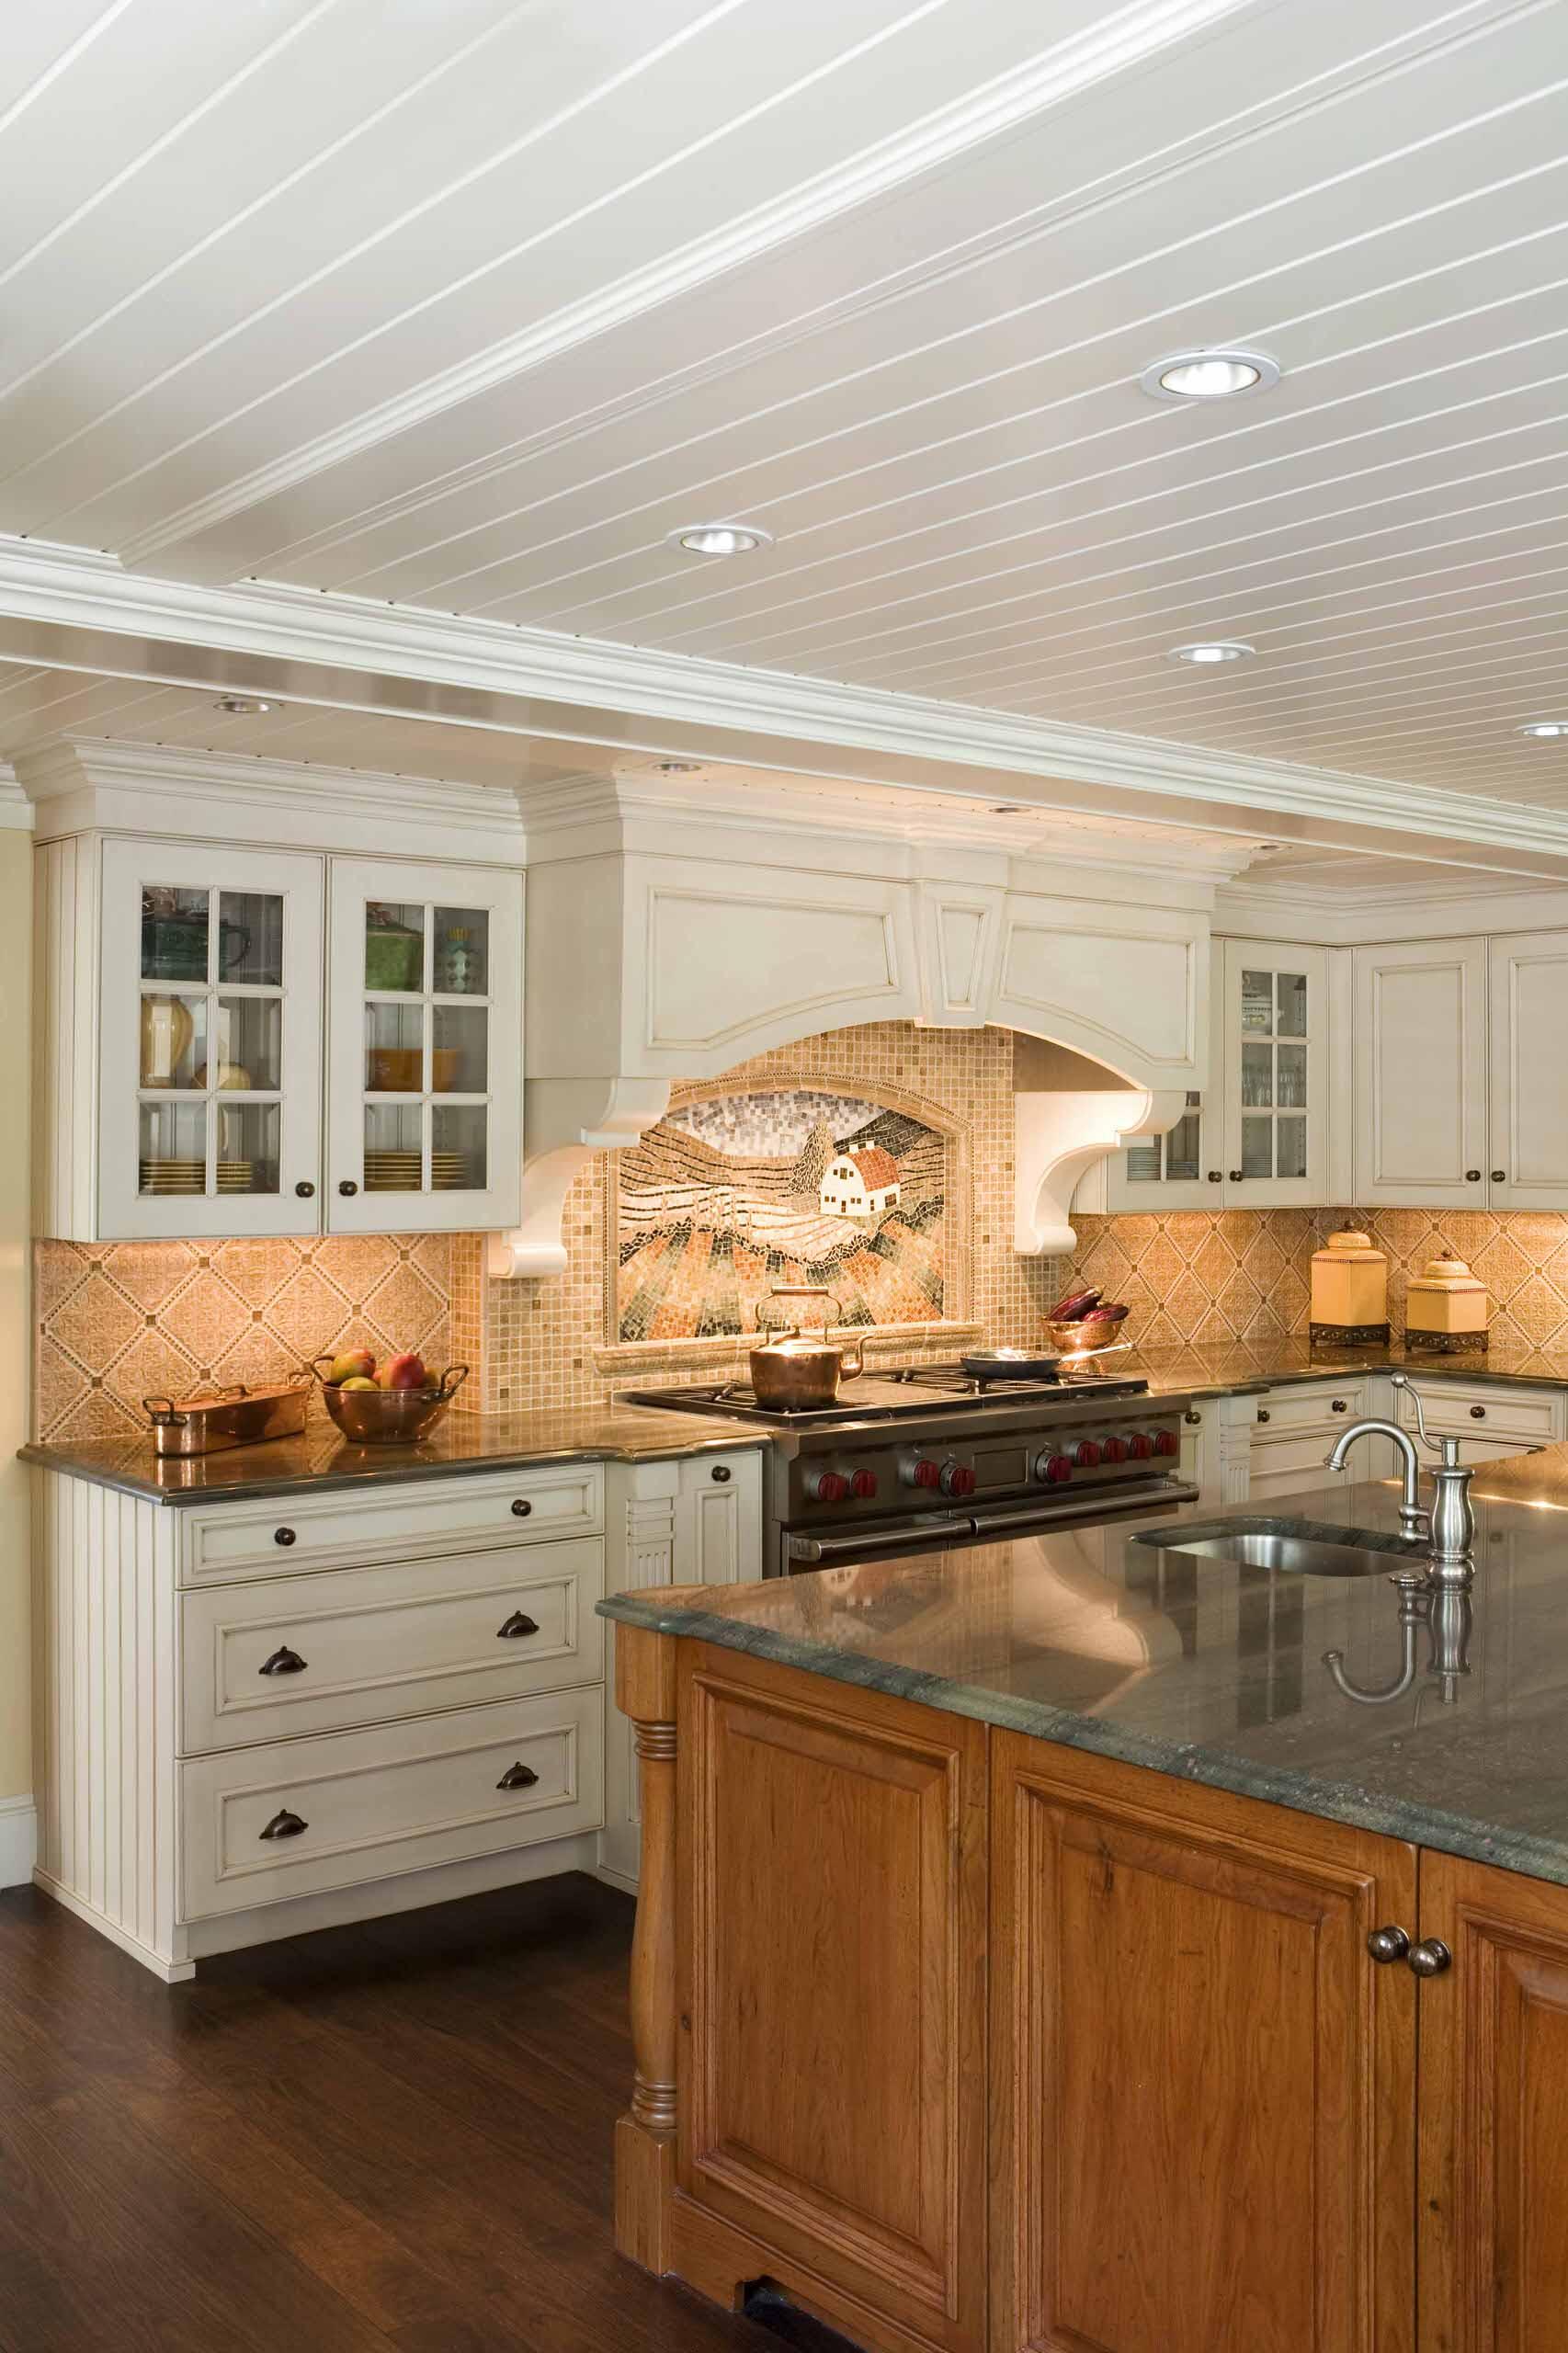 Панели на потолке кухни